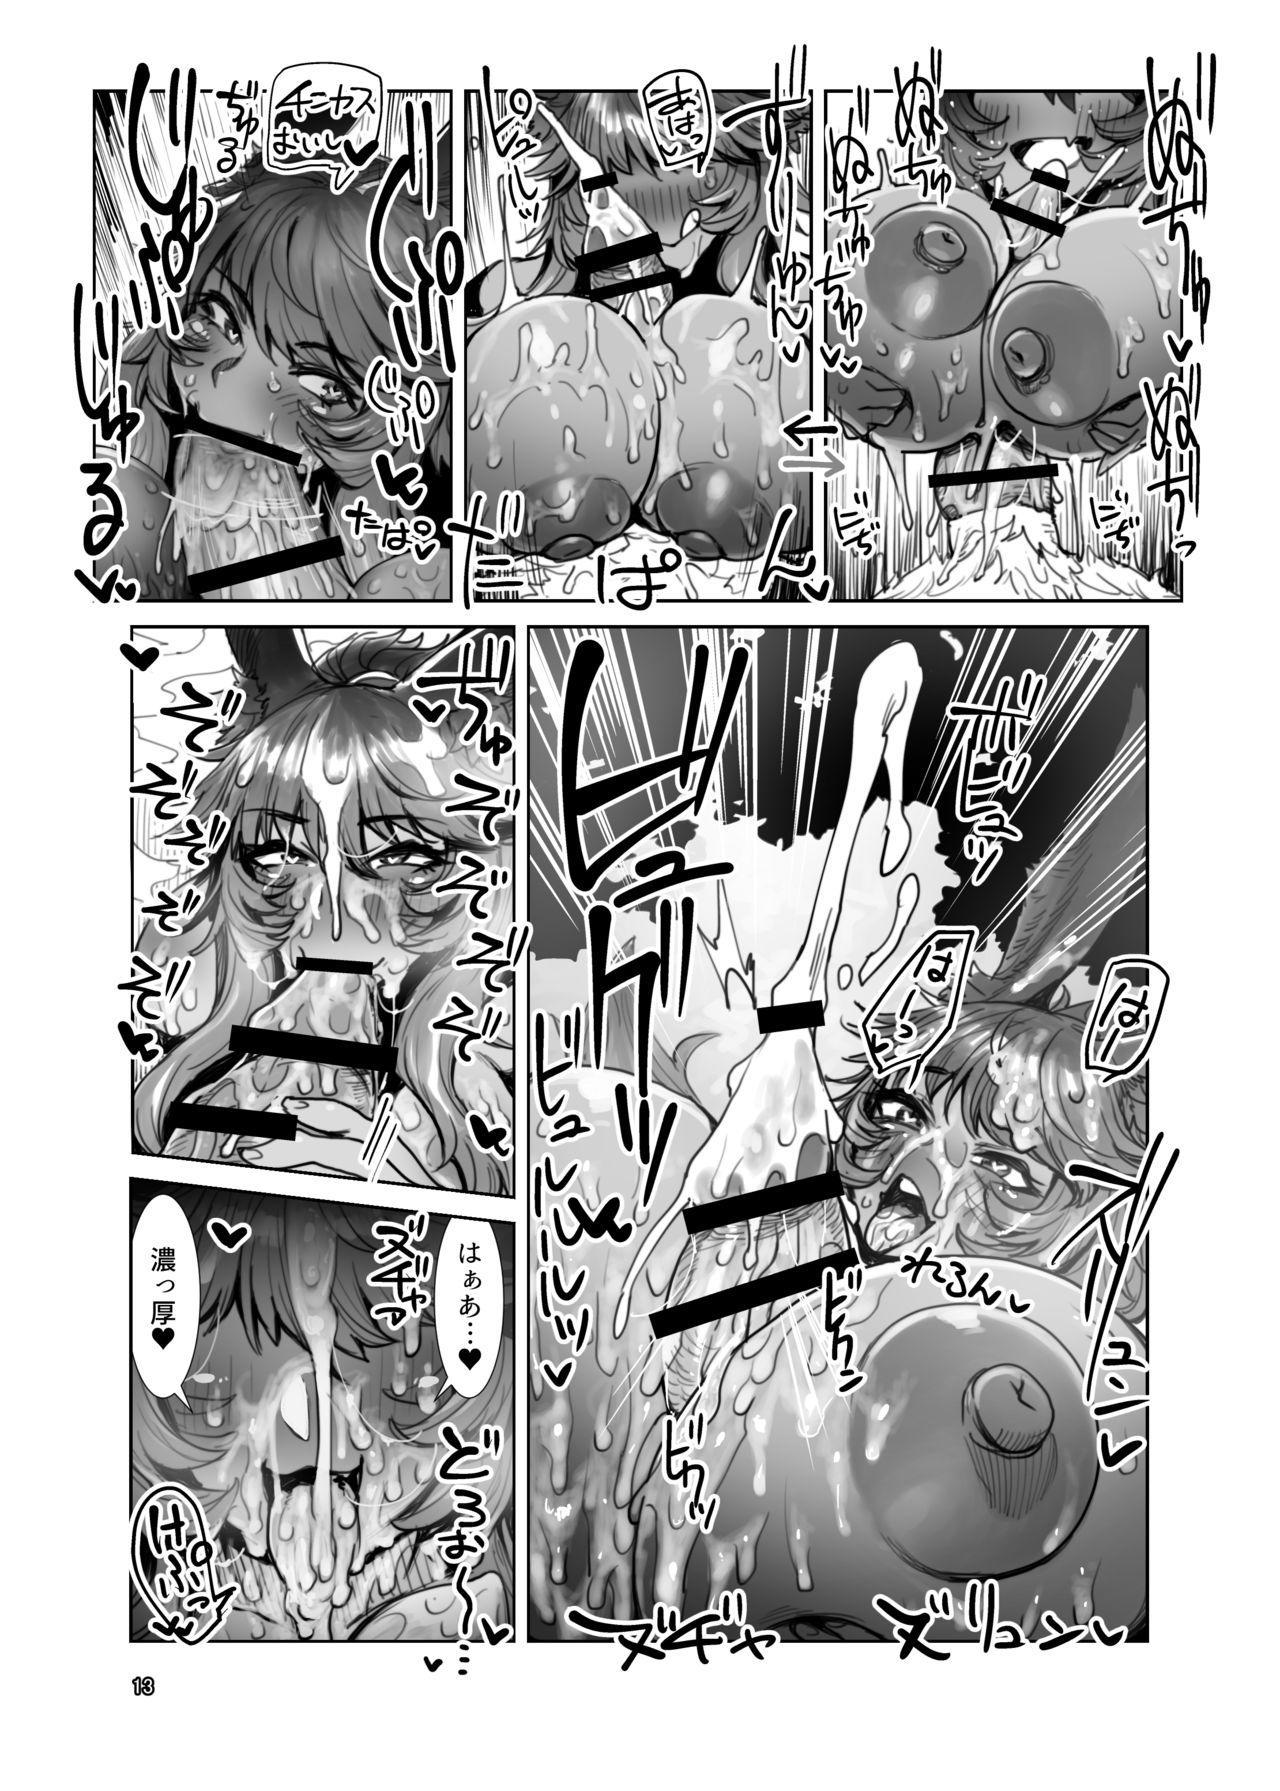 Souzou Mahou no Chottoshita Ouyou 12